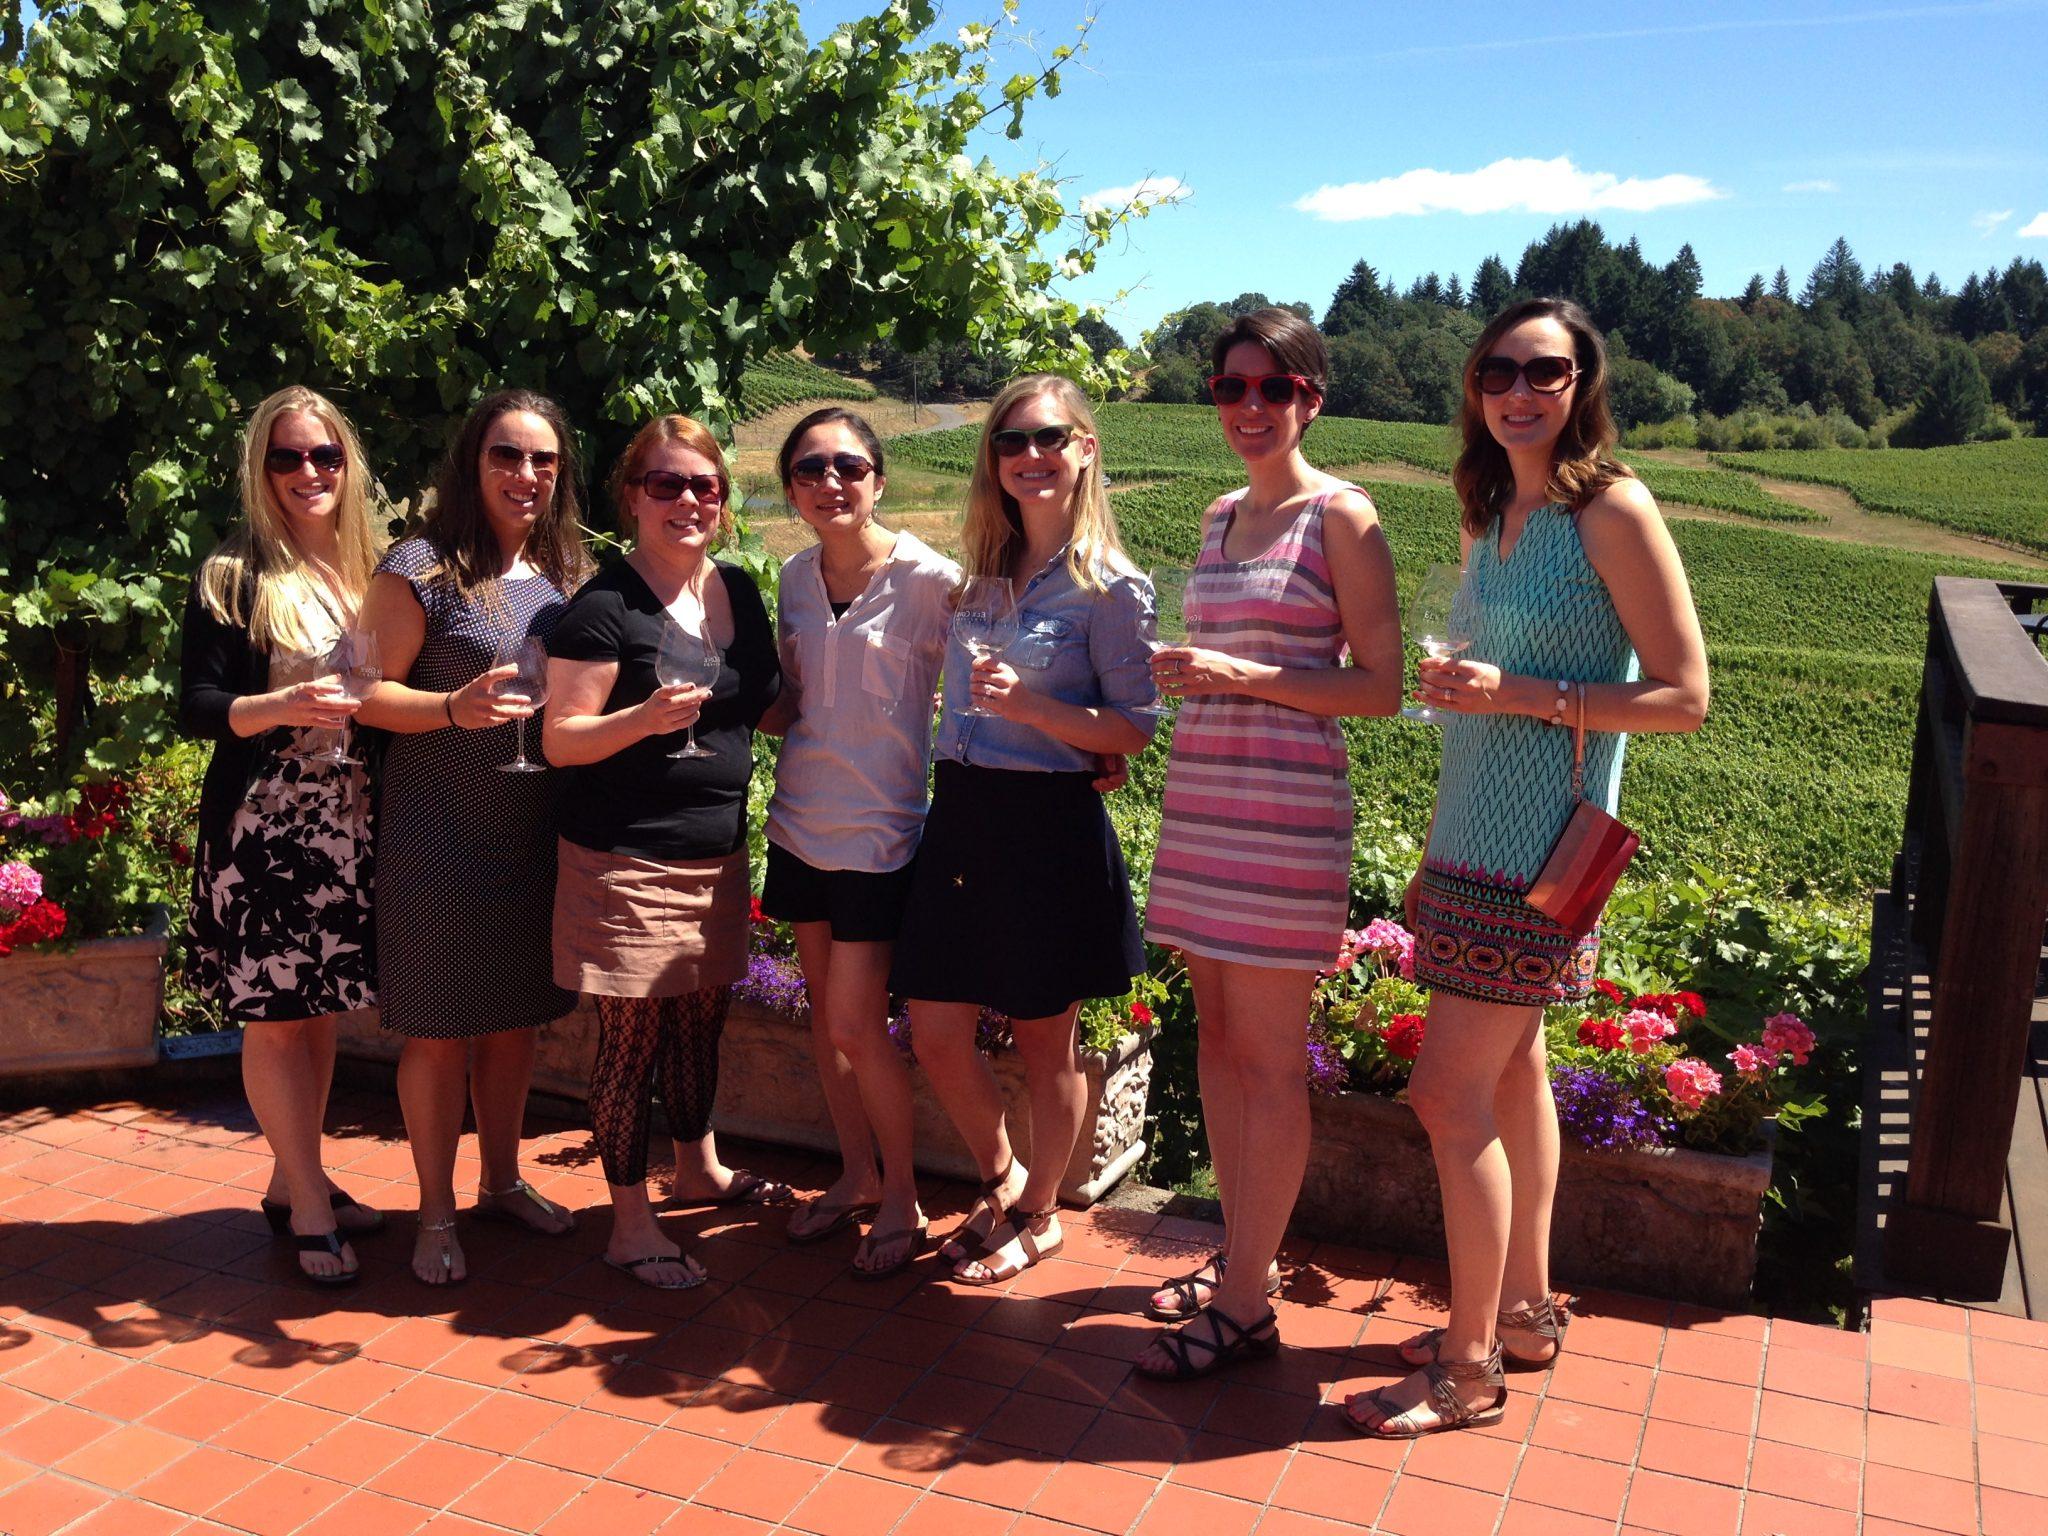 Winery Tours - Eco tours of Oregon